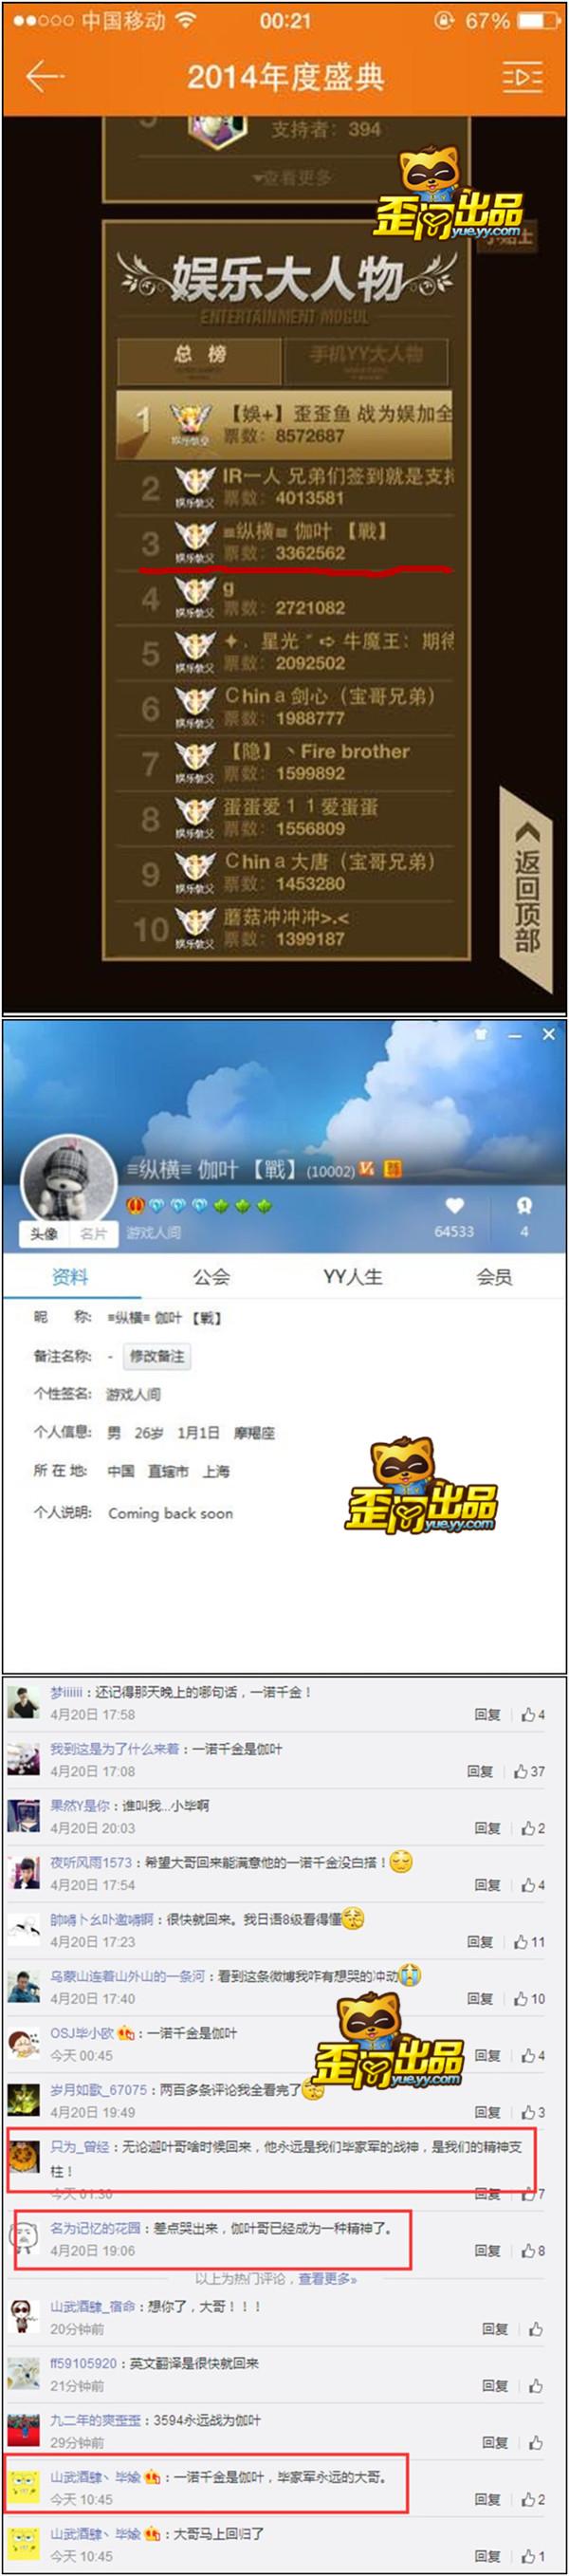 """中国最大私服网爆料:神豪""""伽叶""""即将回归?"""